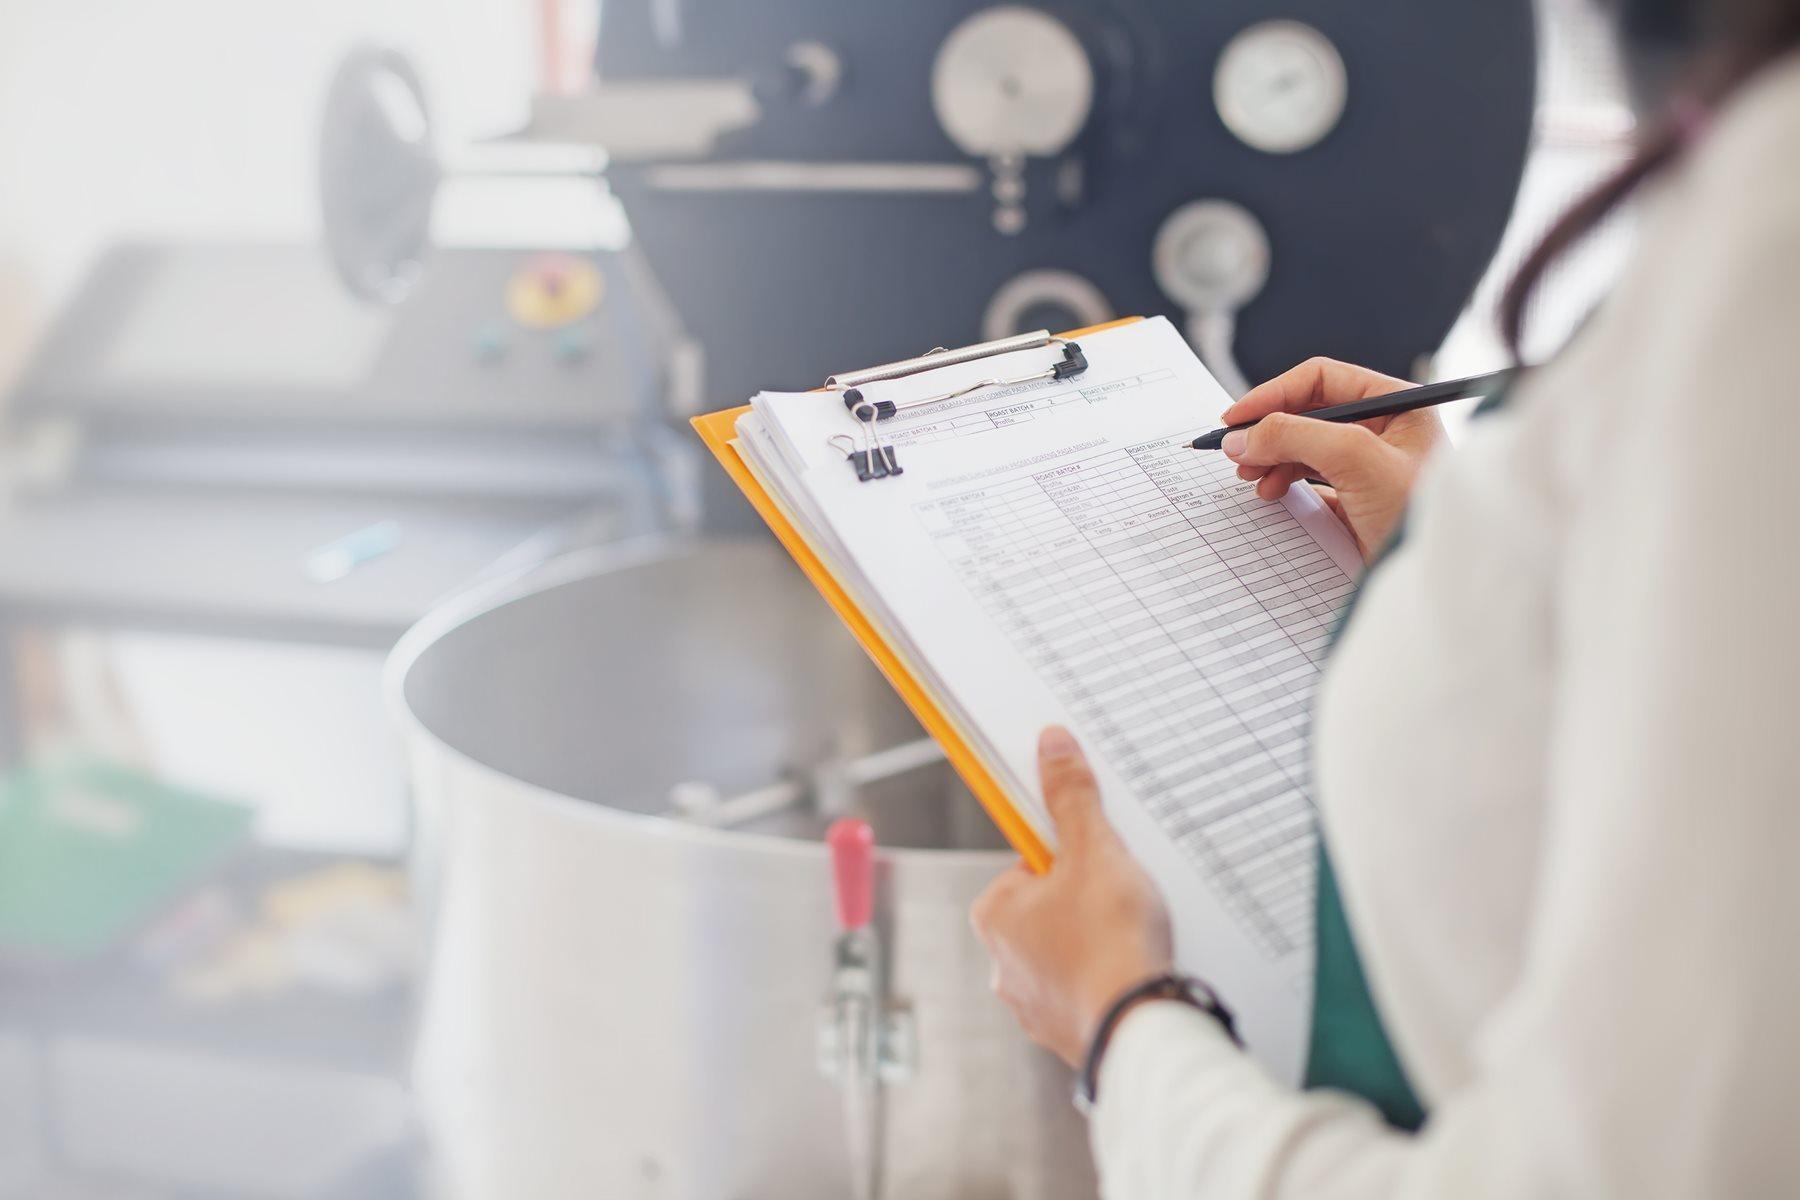 Secretaria de Agricultura vai oferecer curso de boas práticas de fabricação